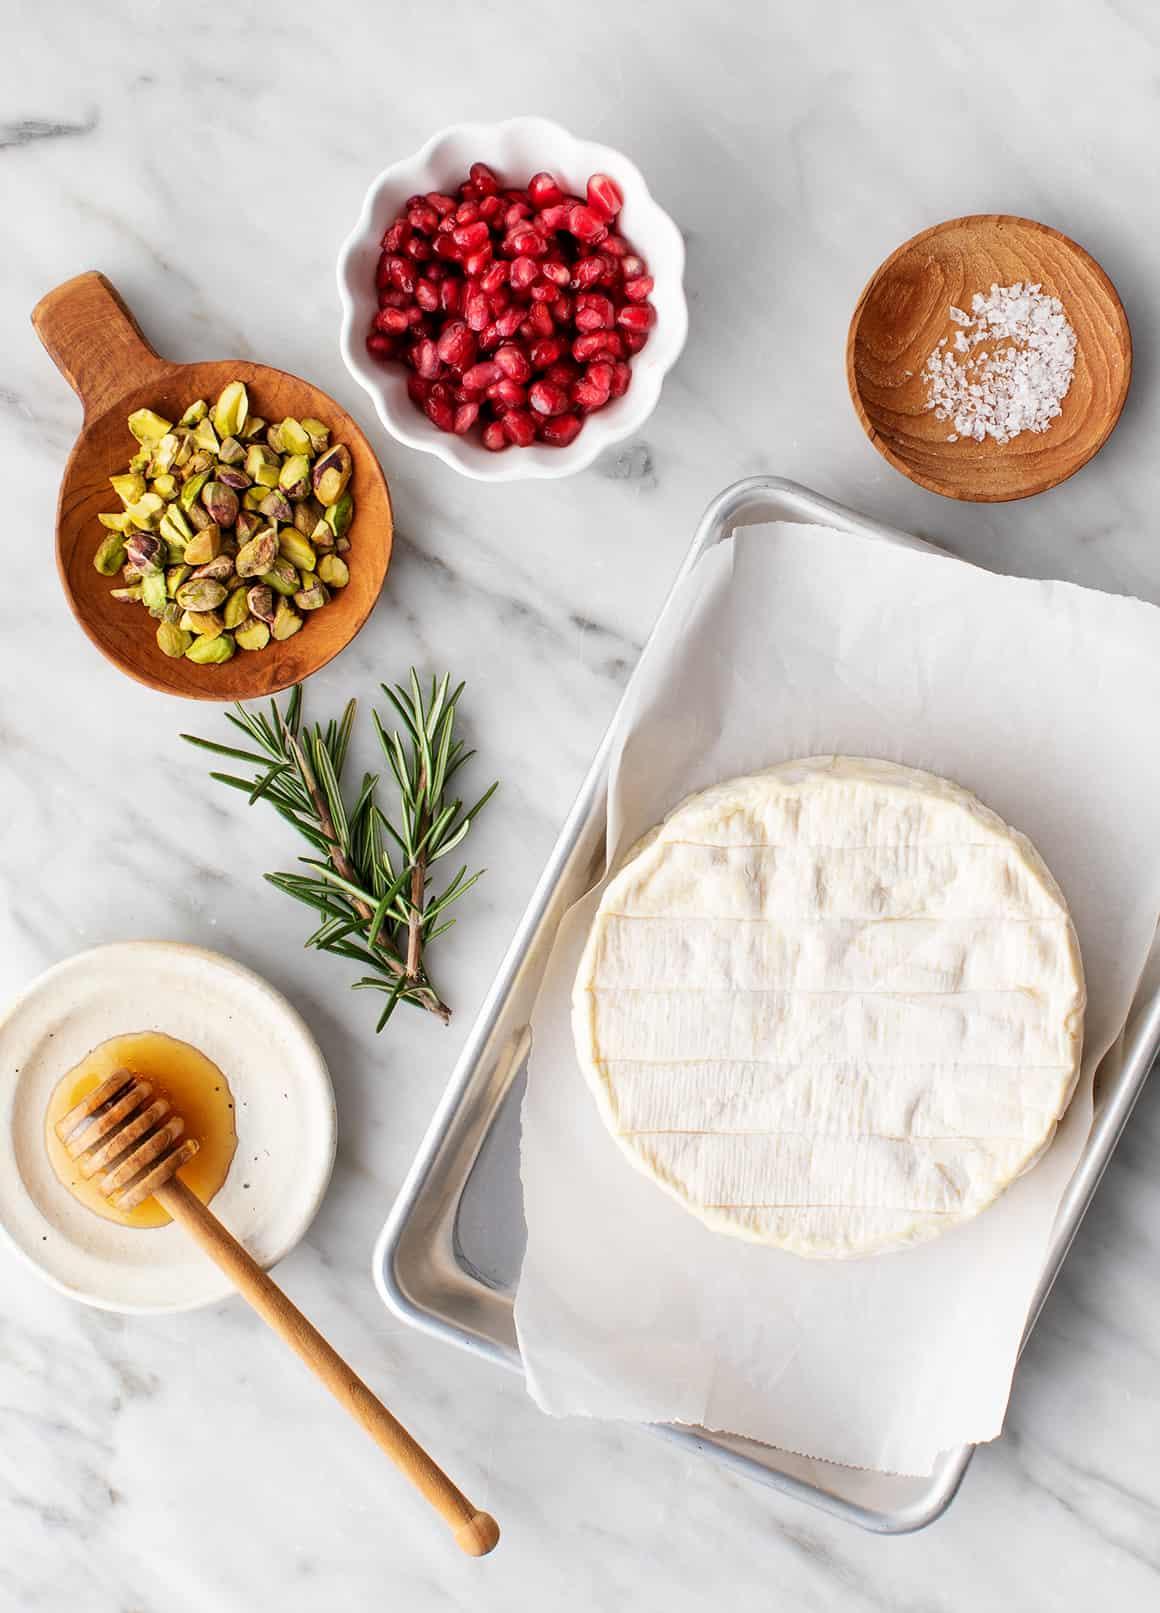 Baked brie recipe ingredients